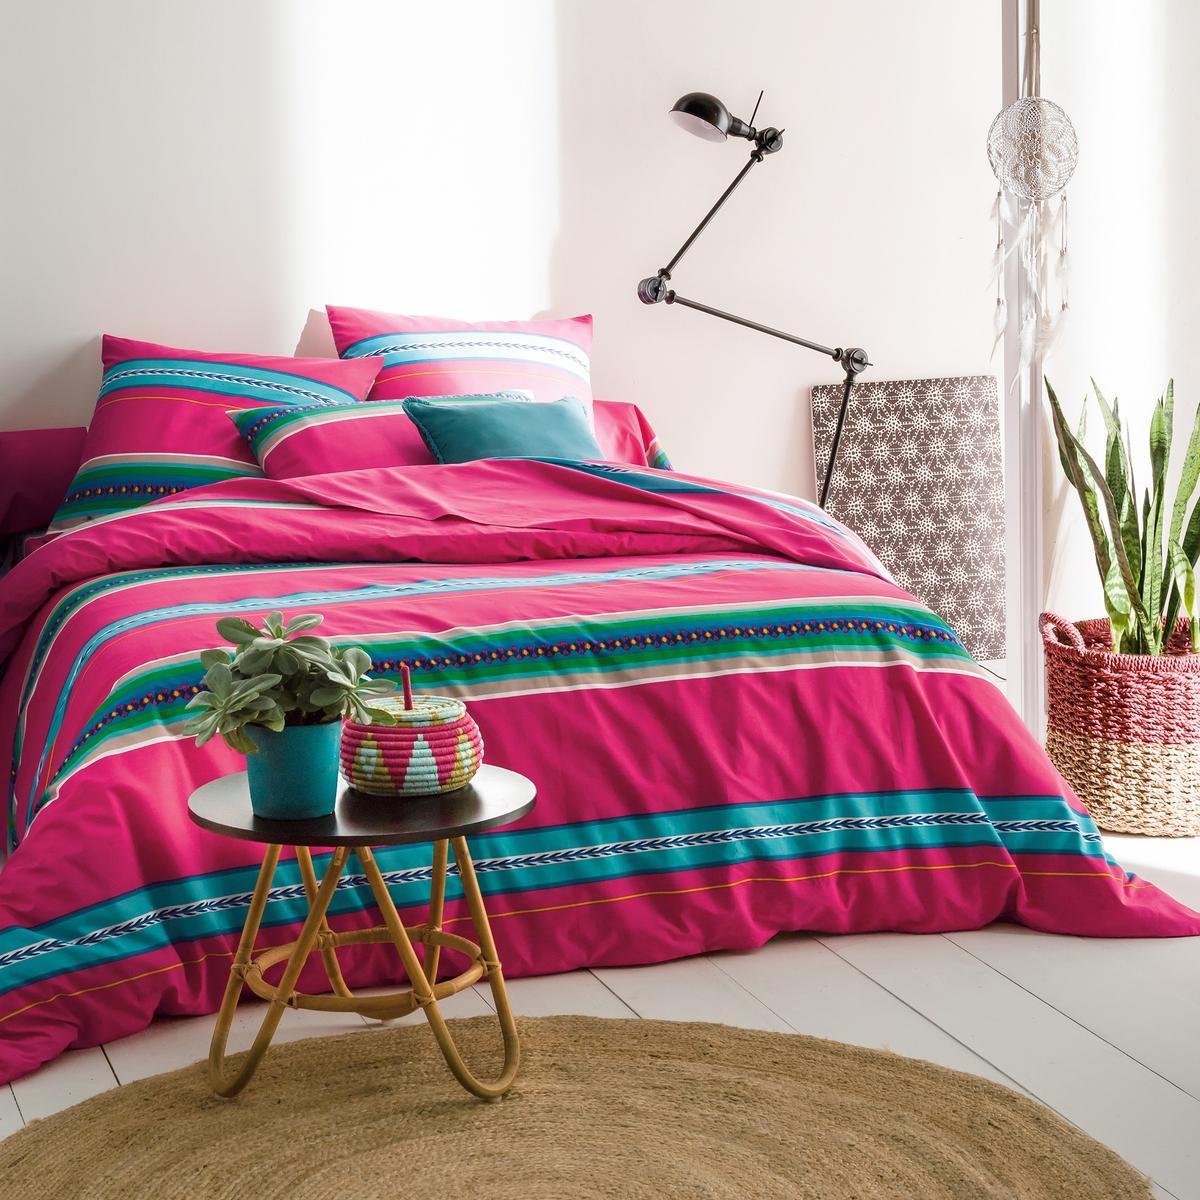 Пододеяльник NazcaСоответствие размеров пододеяльника :140 x 200 см : 1-спальный200 х 200 см : 1-2-спальный240 х 220 см : 2-спальный260 х 240 см : 2-спальный Машинная стирка при 60 °С. Прямой низ с отделкой.Яркие полоски в стиле мексиканского фольклора.<br><br>Цвет: розовый с рисунком<br>Размер: 140 x 200  см.200 x 200  см